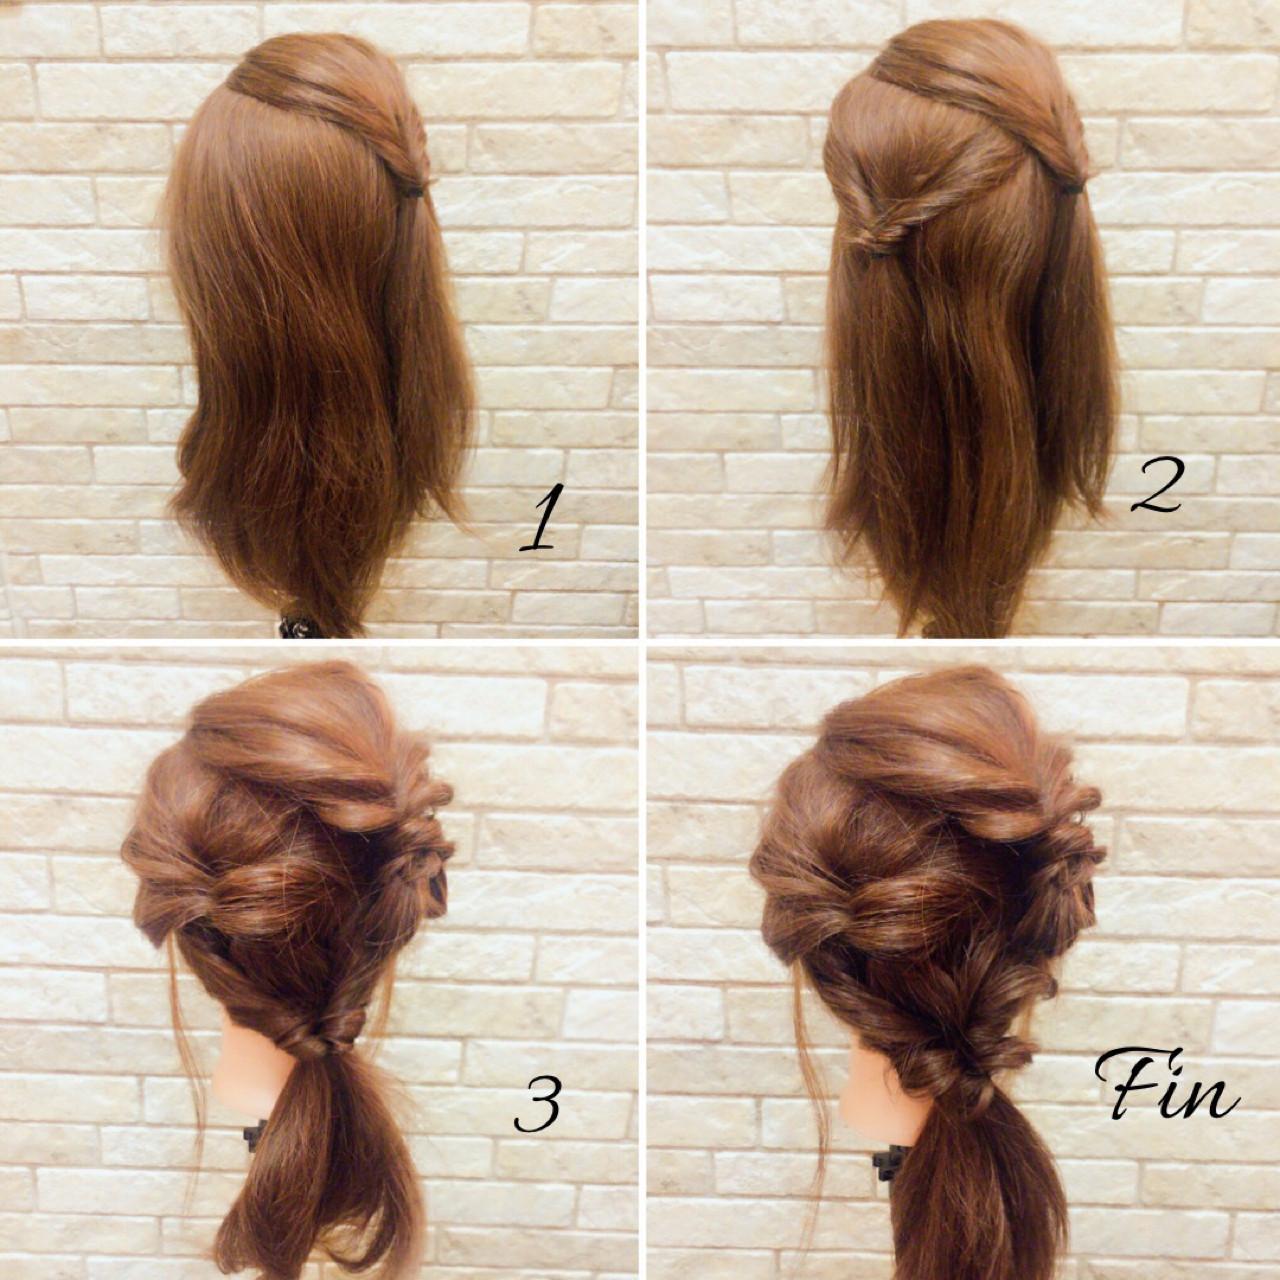 ナチュラル 大人女子 ヘアアレンジ ミディアム ヘアスタイルや髪型の写真・画像